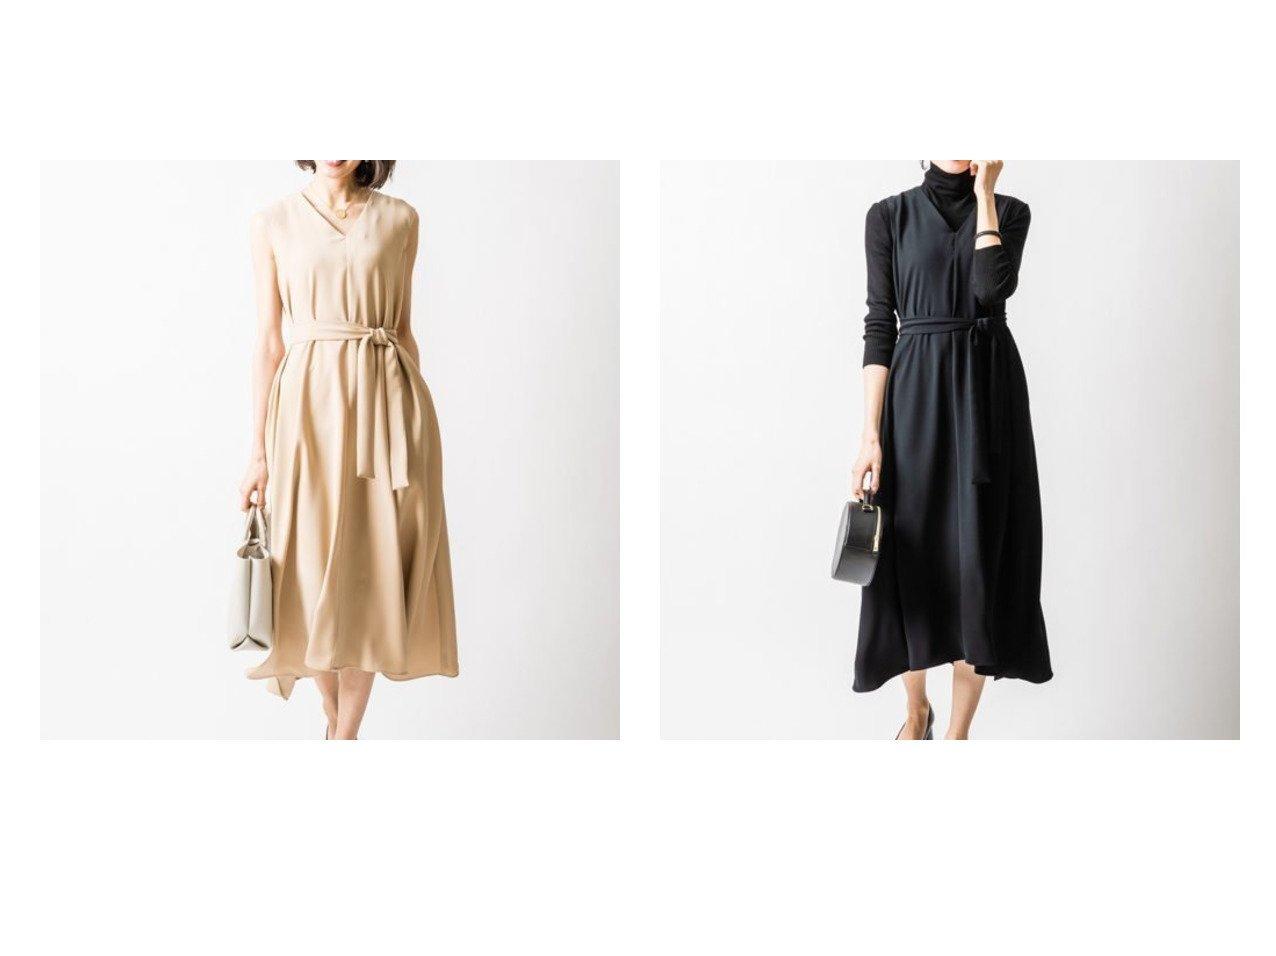 【VIRINA/ヴィリーナ】のサシャ4wayロングドレス ワンピース・ドレスのおすすめ!人気、トレンド・レディースファッションの通販 おすすめで人気の流行・トレンド、ファッションの通販商品 メンズファッション・キッズファッション・インテリア・家具・レディースファッション・服の通販 founy(ファニー) https://founy.com/ ファッション Fashion レディースファッション WOMEN ワンピース Dress ドレス Party Dresses シンプル ドレス ドレープ ノースリーブ フレア リボン ロング |ID:crp329100000024050